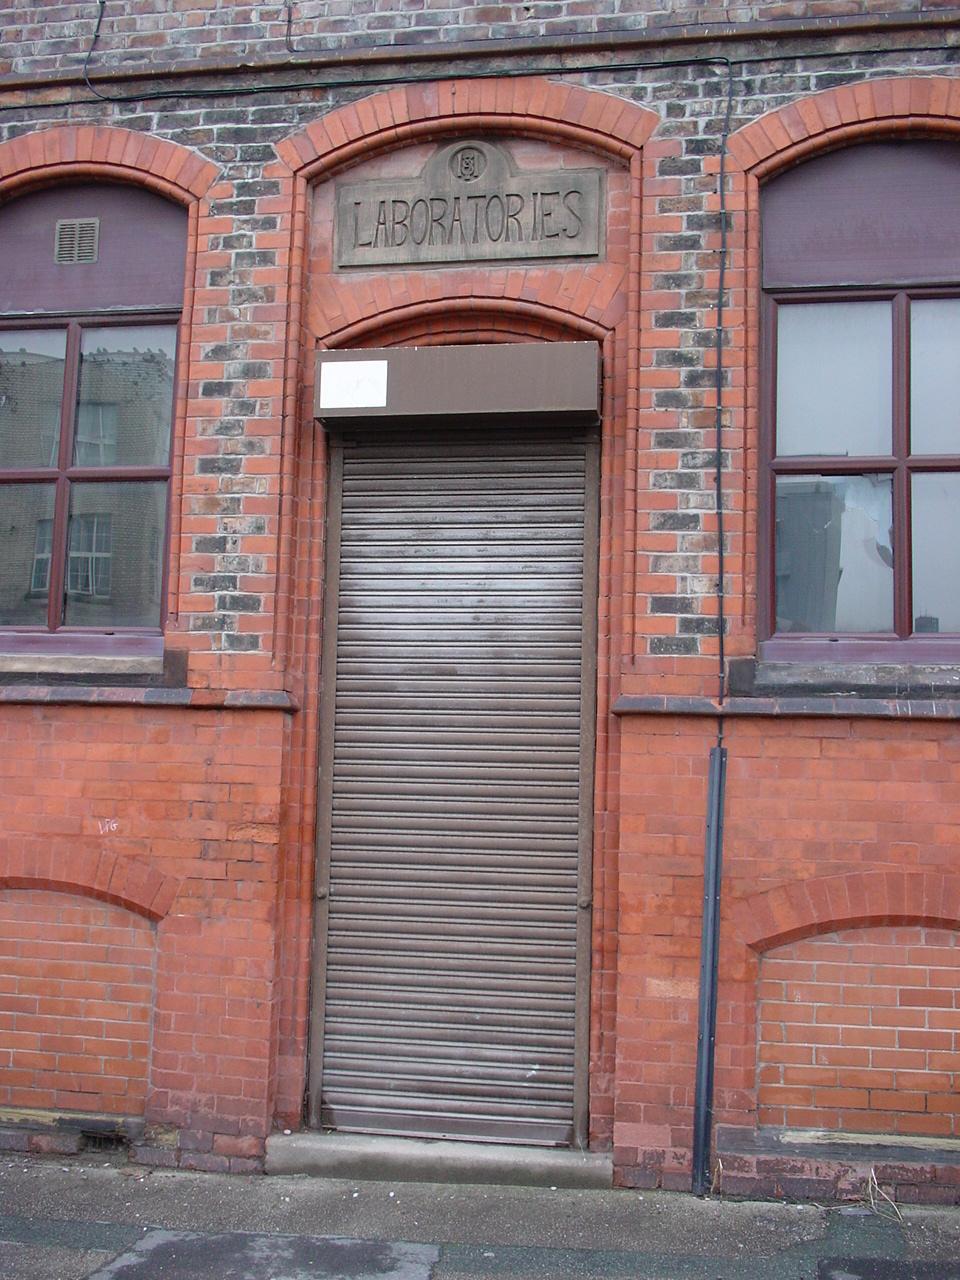 FileLaboratories door Prussia Street Liverpool.JPG & File:Laboratories door Prussia Street Liverpool.JPG - Wikimedia ...